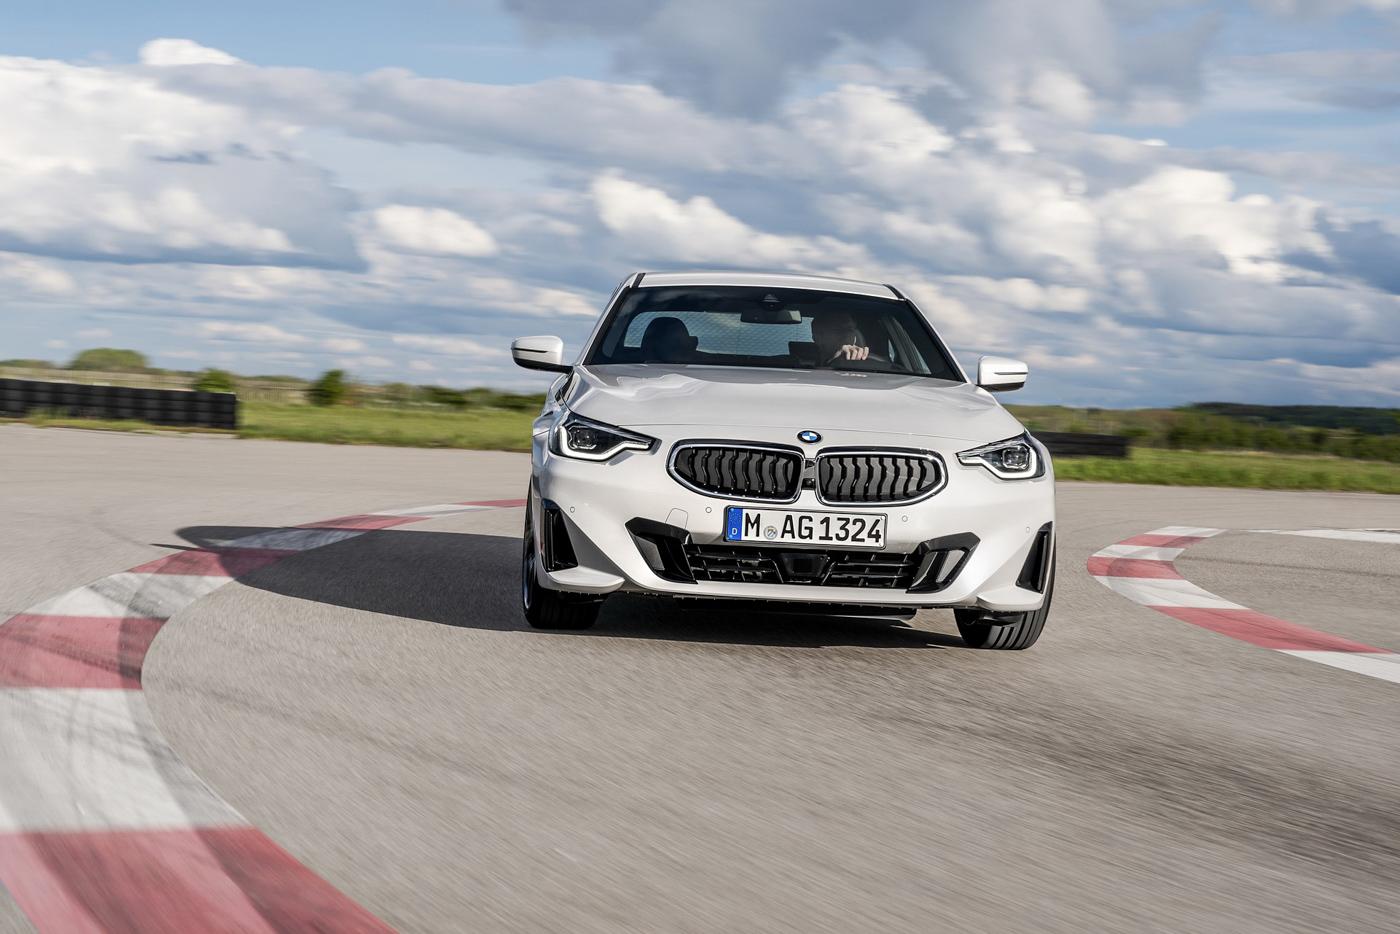 BMW-2-series-2022-ra-mắt-với-giá-bán-từ-36350-usd-35.jpg